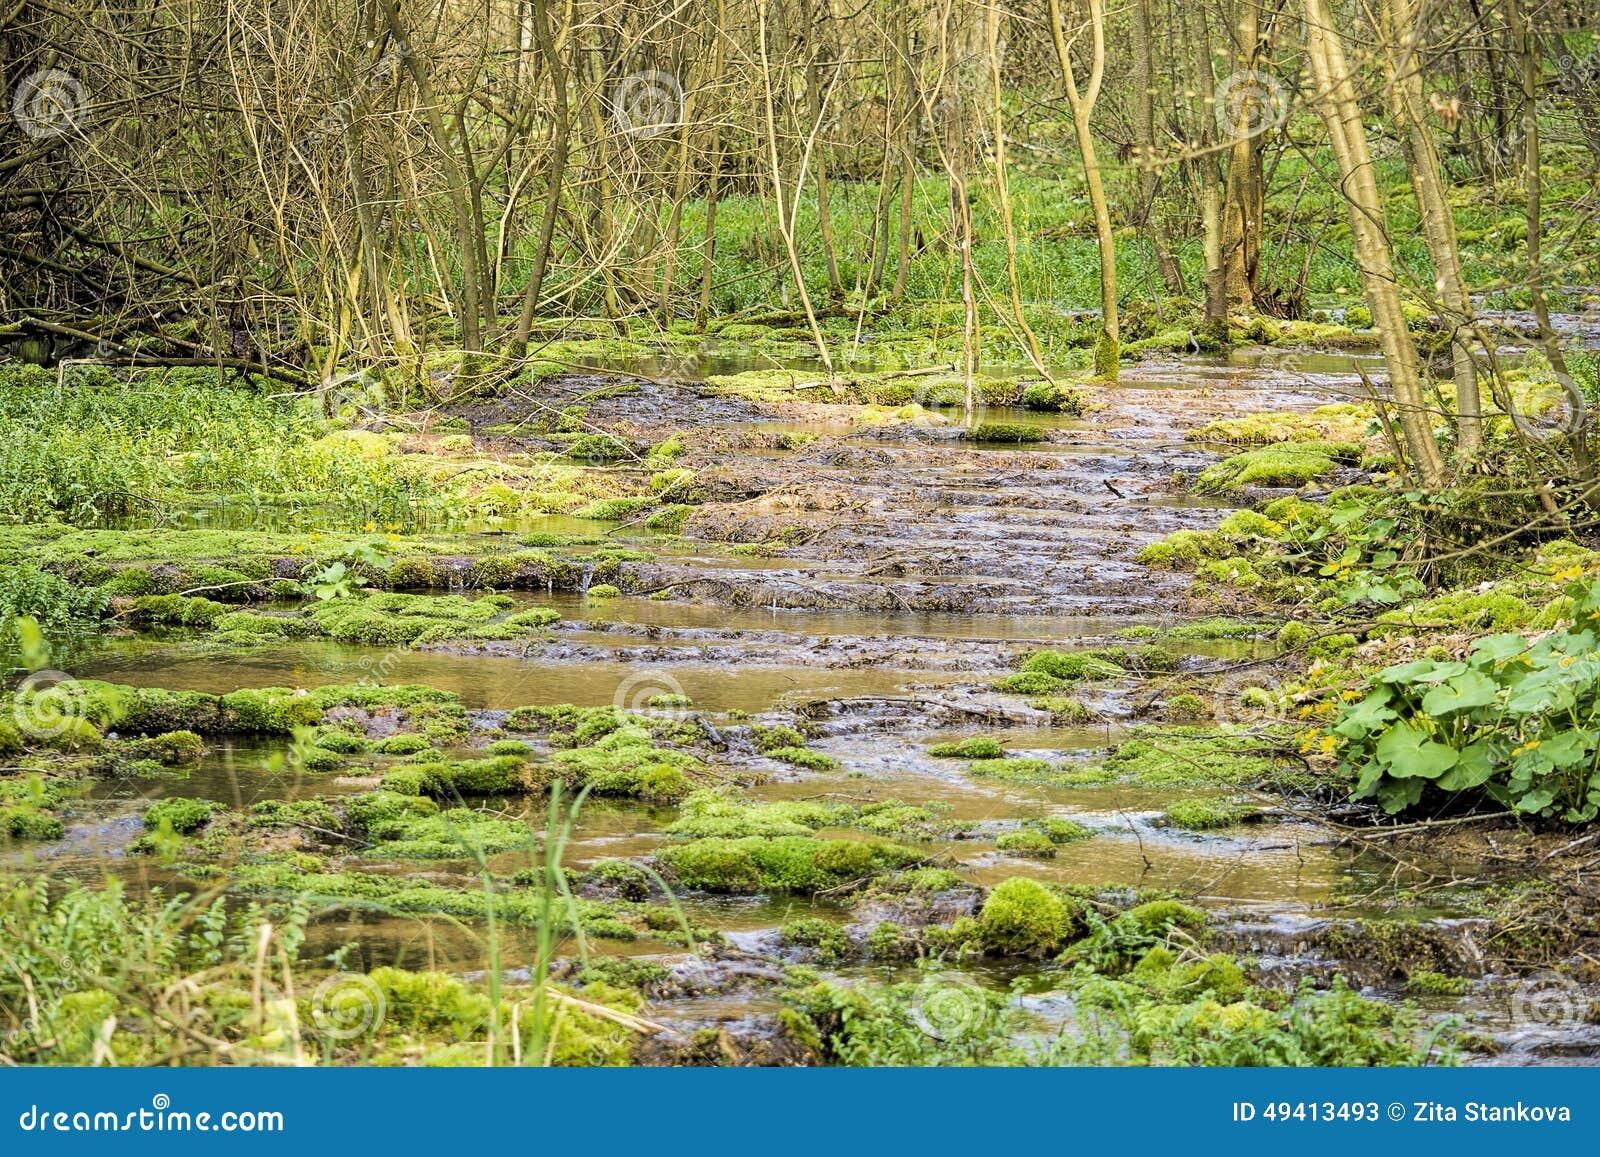 Download Forest Stream stockbild. Bild von klar, nave, strom, ruhig - 49413493